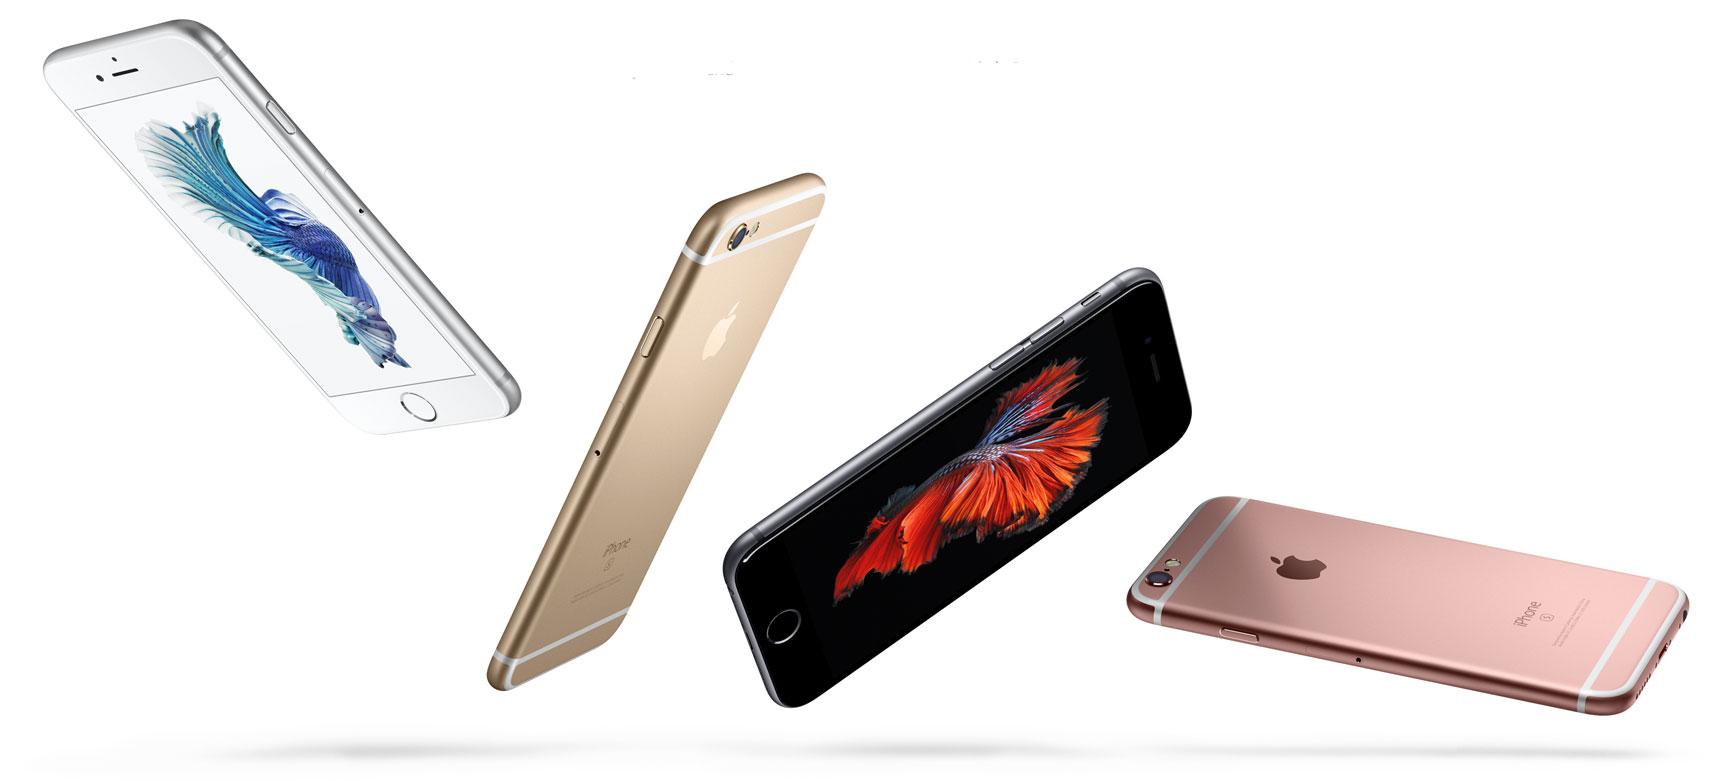 Apple réalise des bénéfices record en dépit de ventes d'iPhone inquiétantes